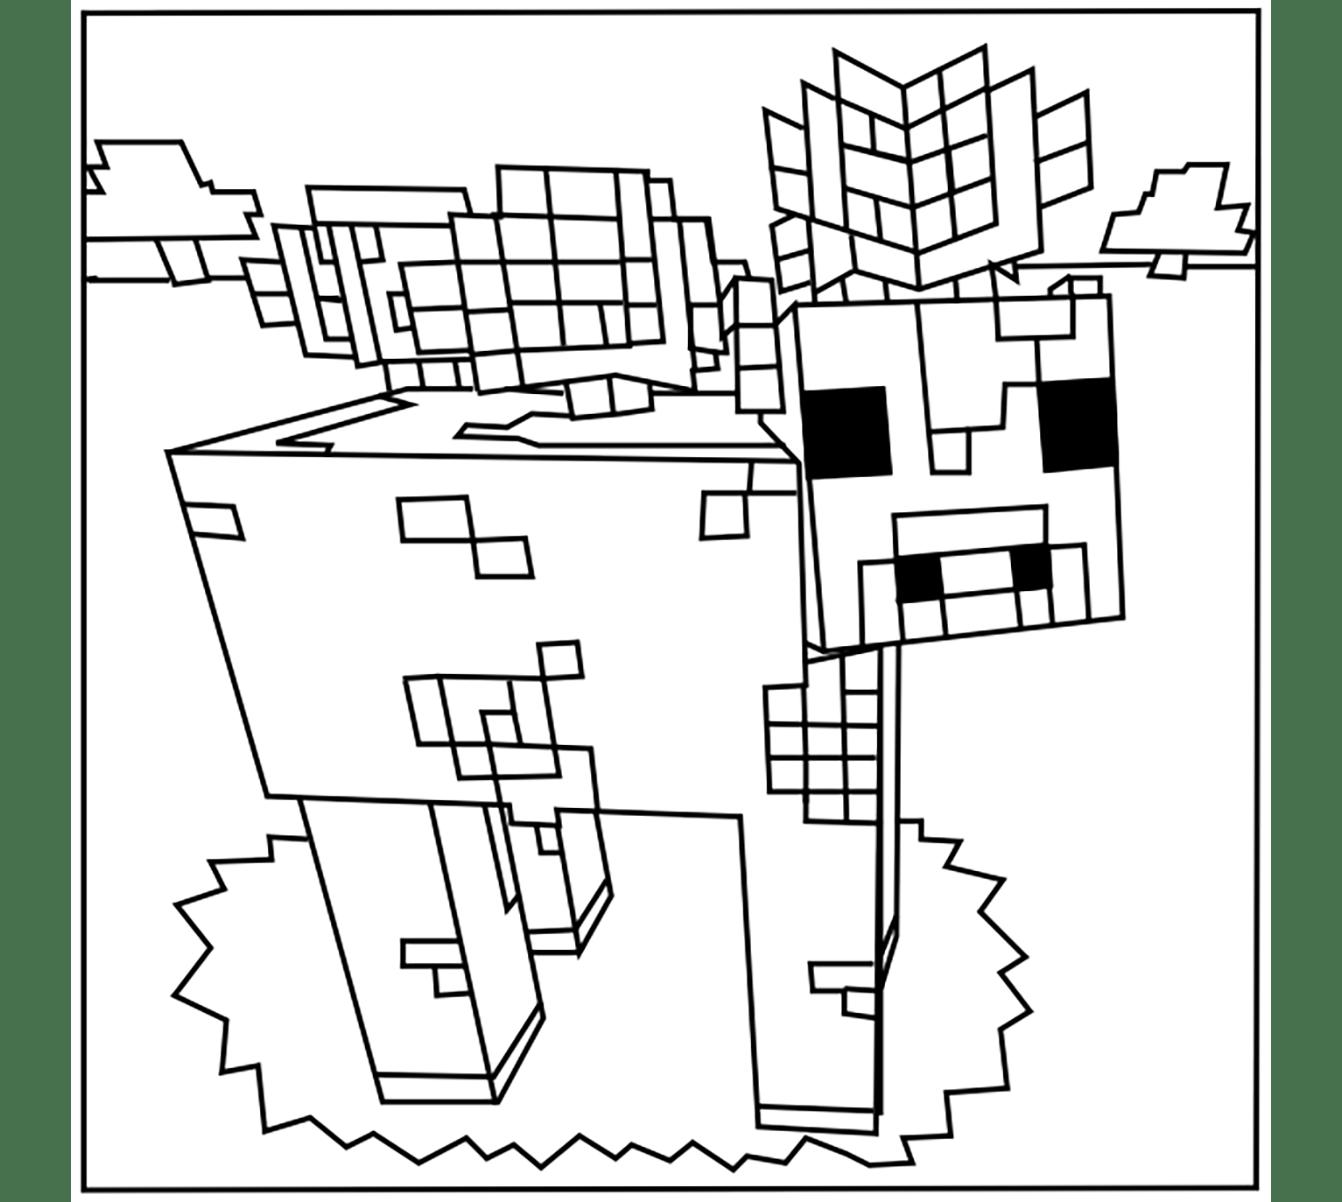 Coloriage De Minecraft Pour Enfants Coloriage Minecraft Coloriages Pour Enfants